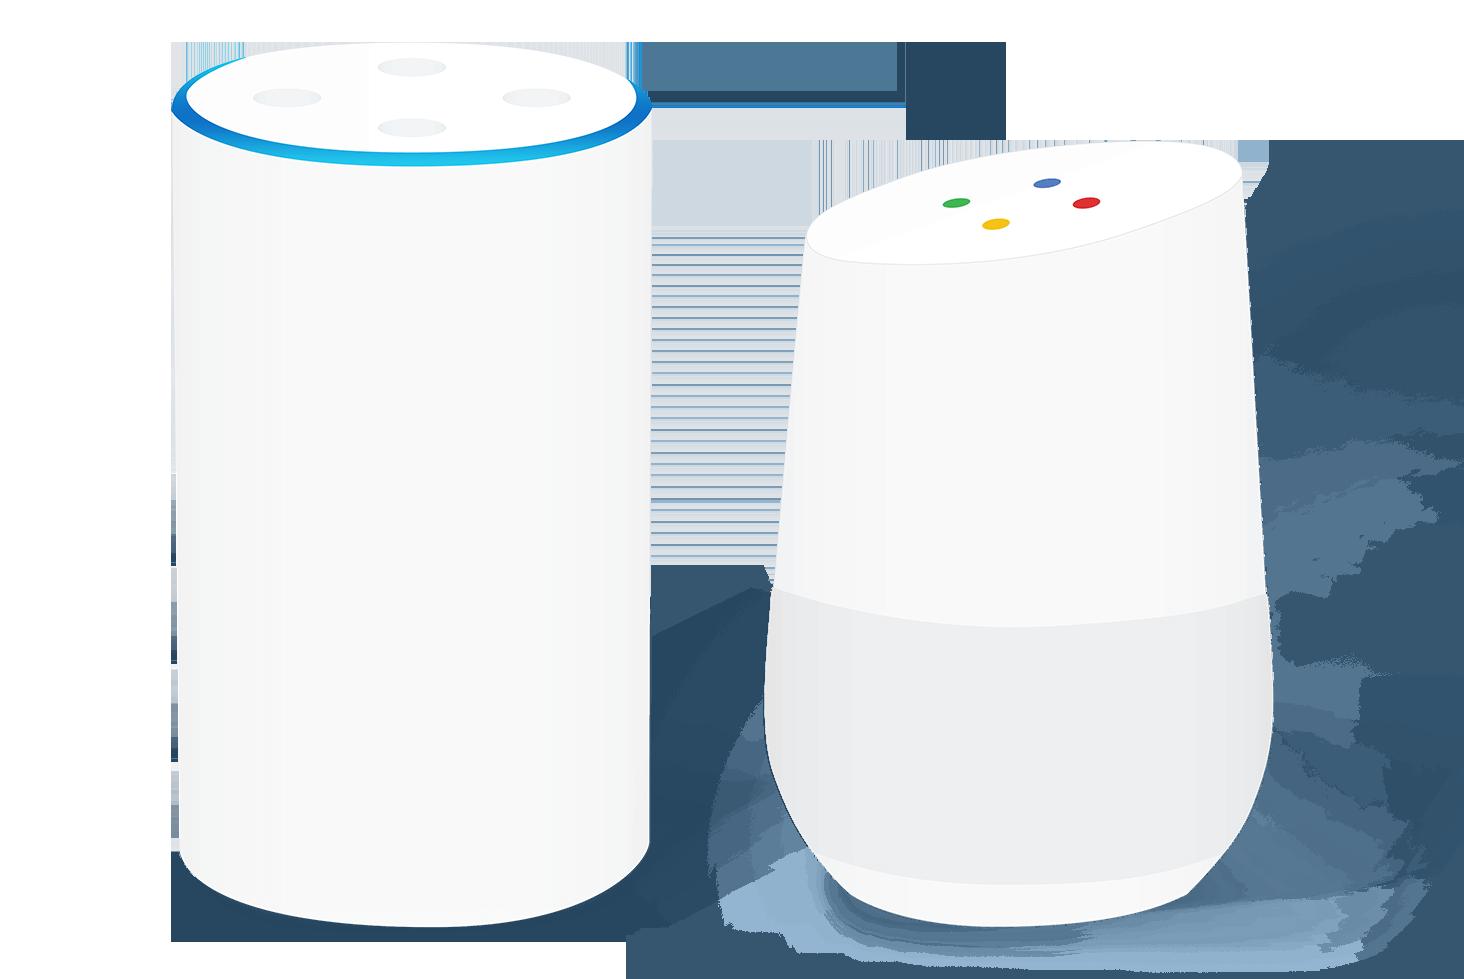 Wir produzieren Software für Googles Sprachassistenten